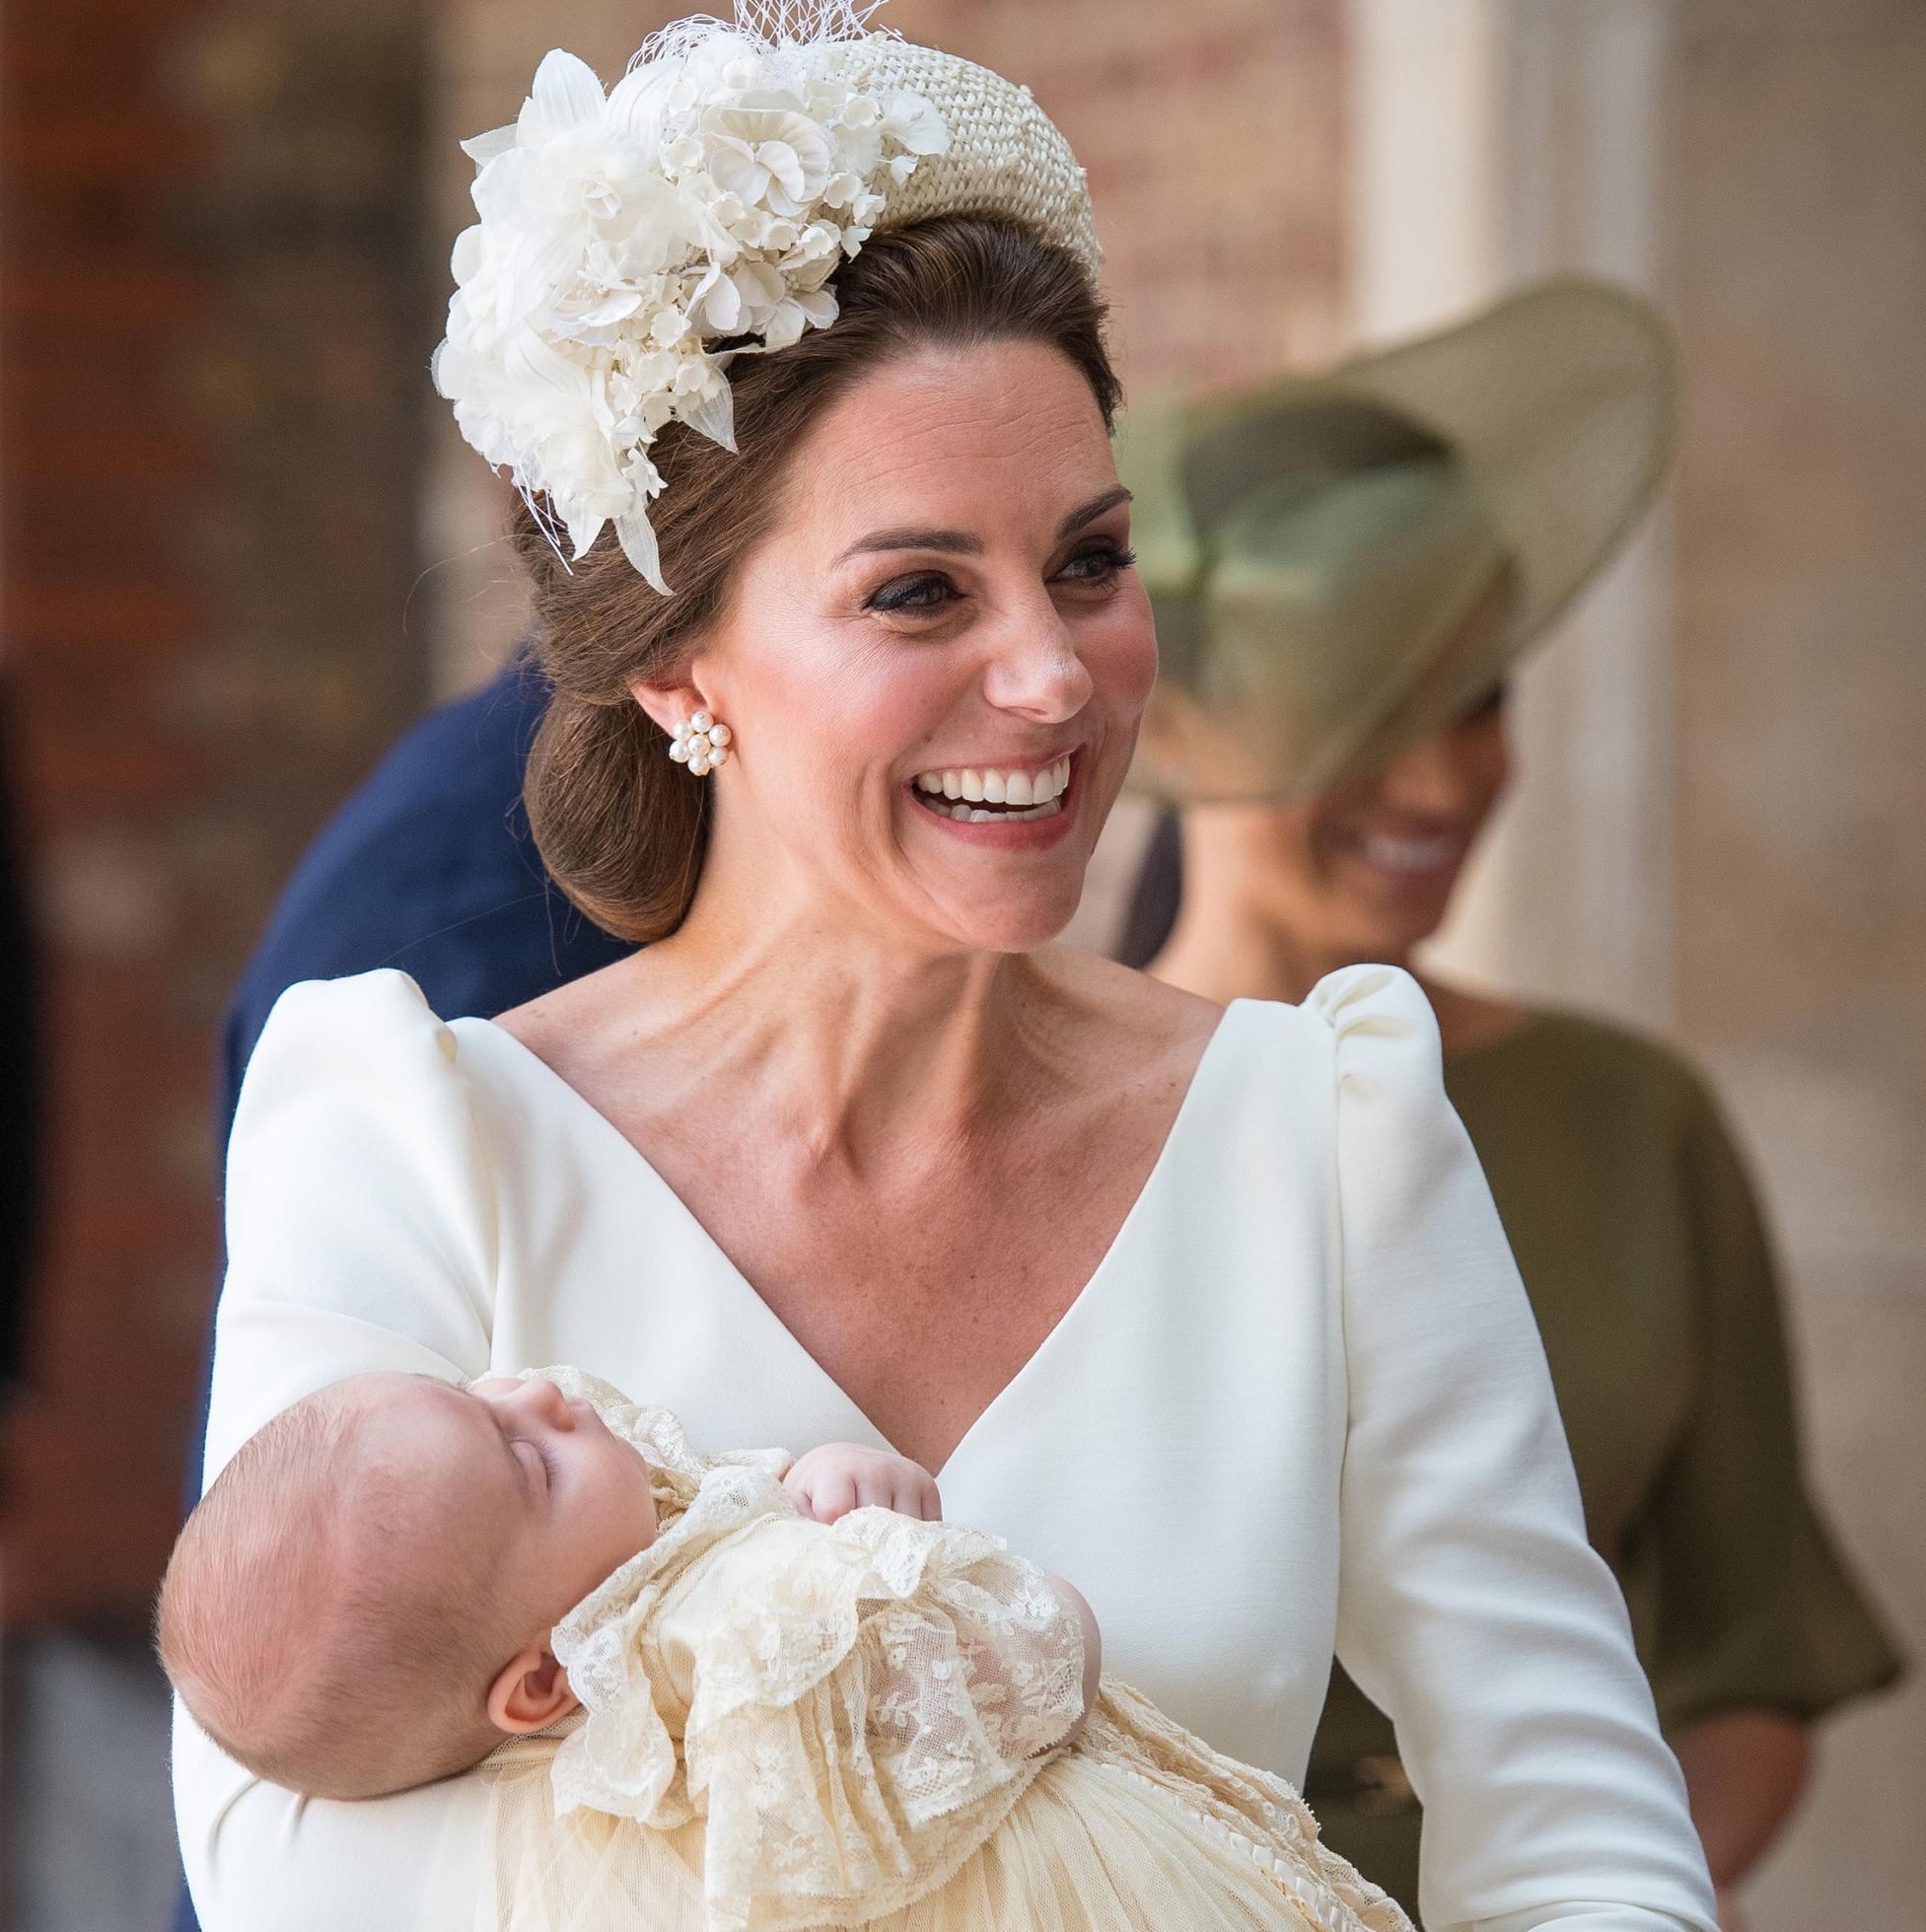 Kate Middleton Pourquoi Portait Elle Encore Une Robe Alexander Mcqueen Pour Le Bapteme De Louis Elle